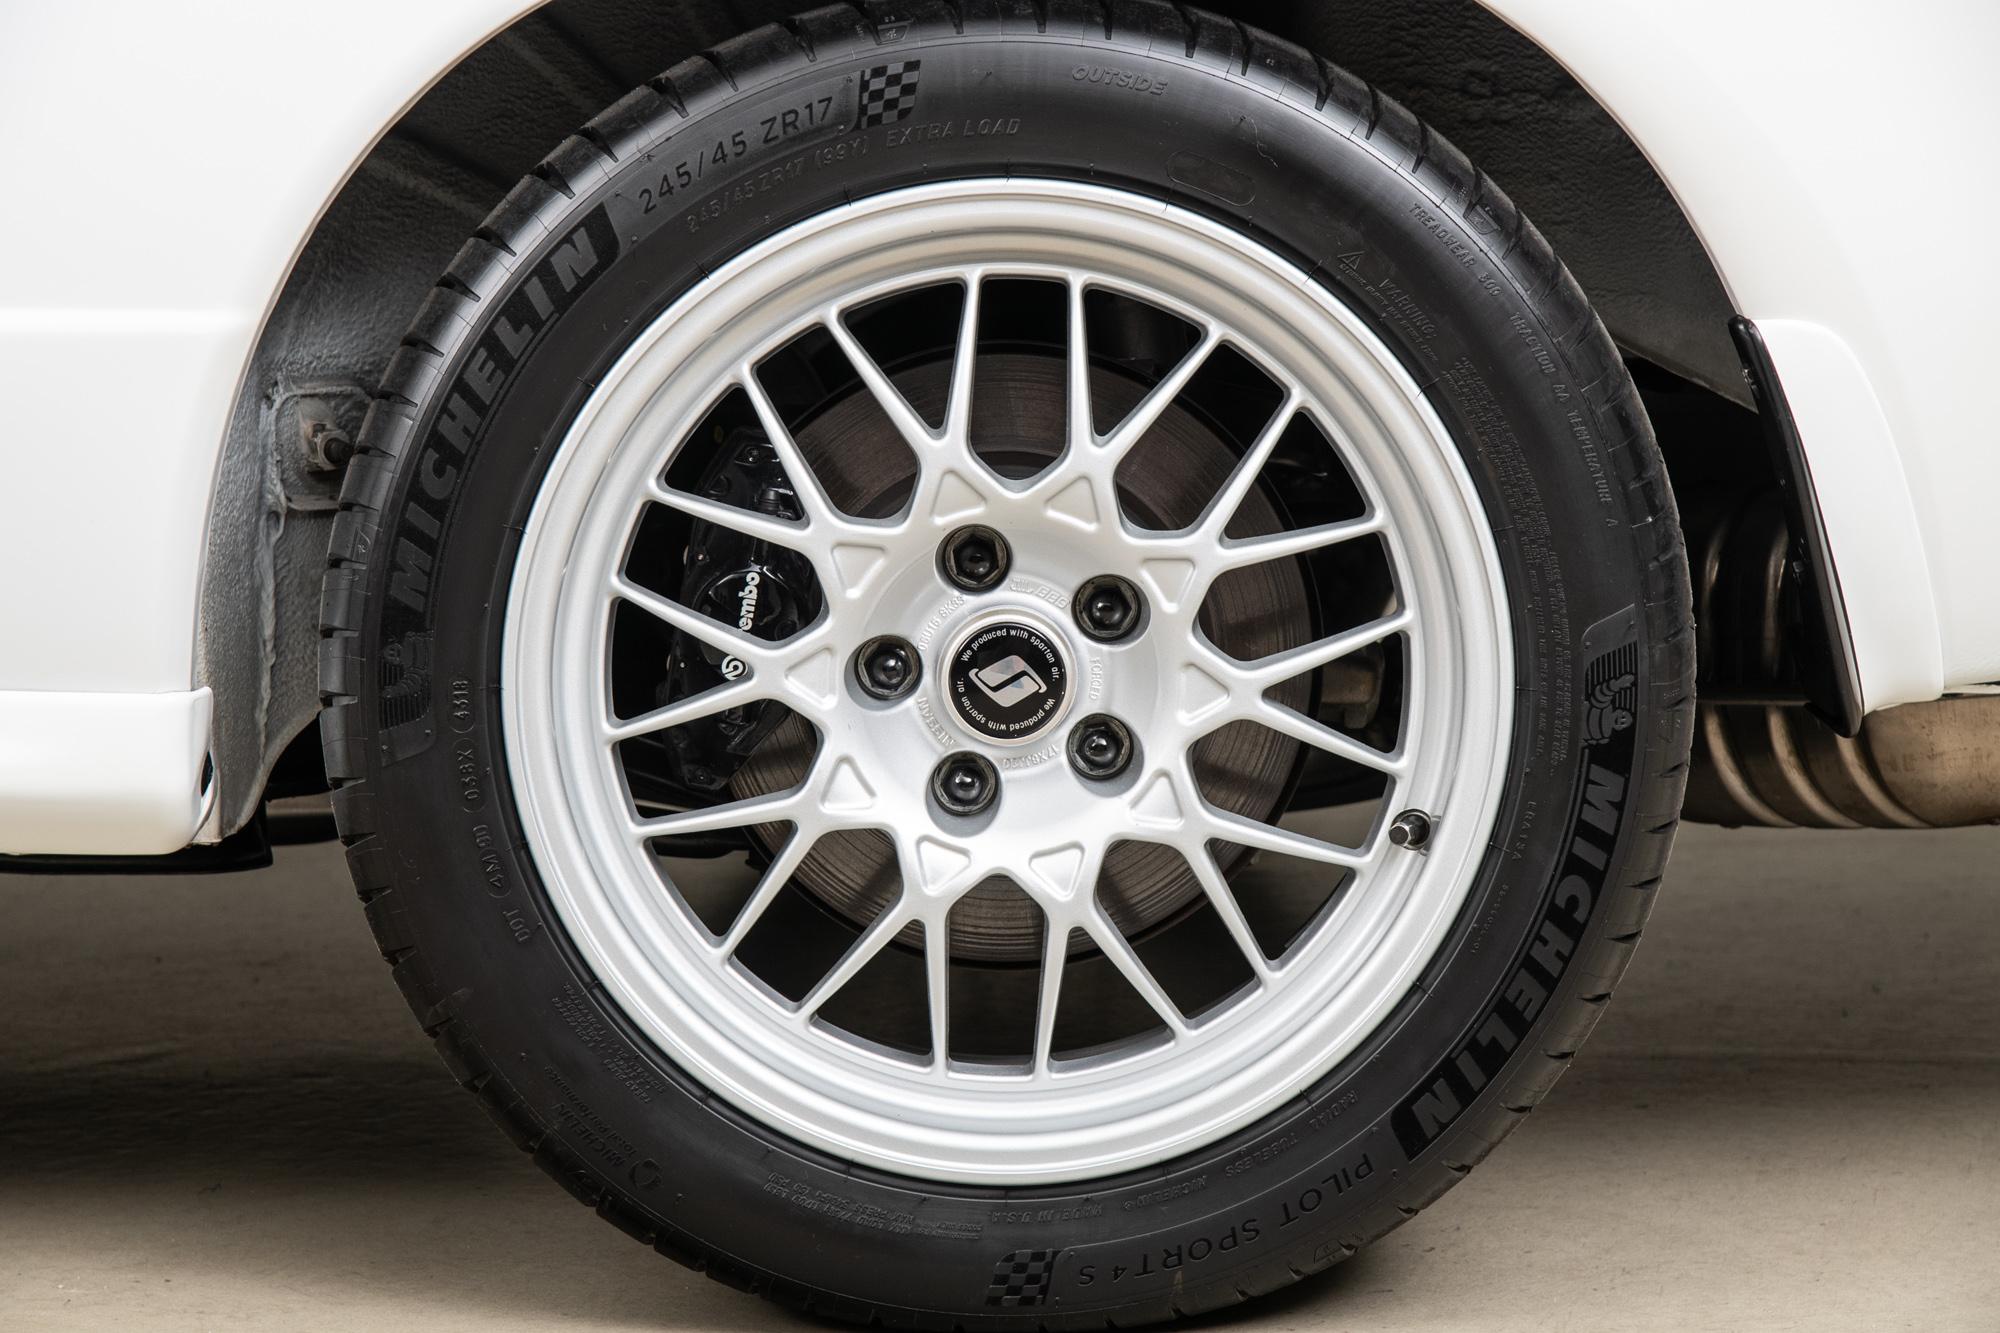 1994 Nissan Skyline GT-R V-Spec II, WHITE, VIN BNR32-309366, MILEAGE 35309